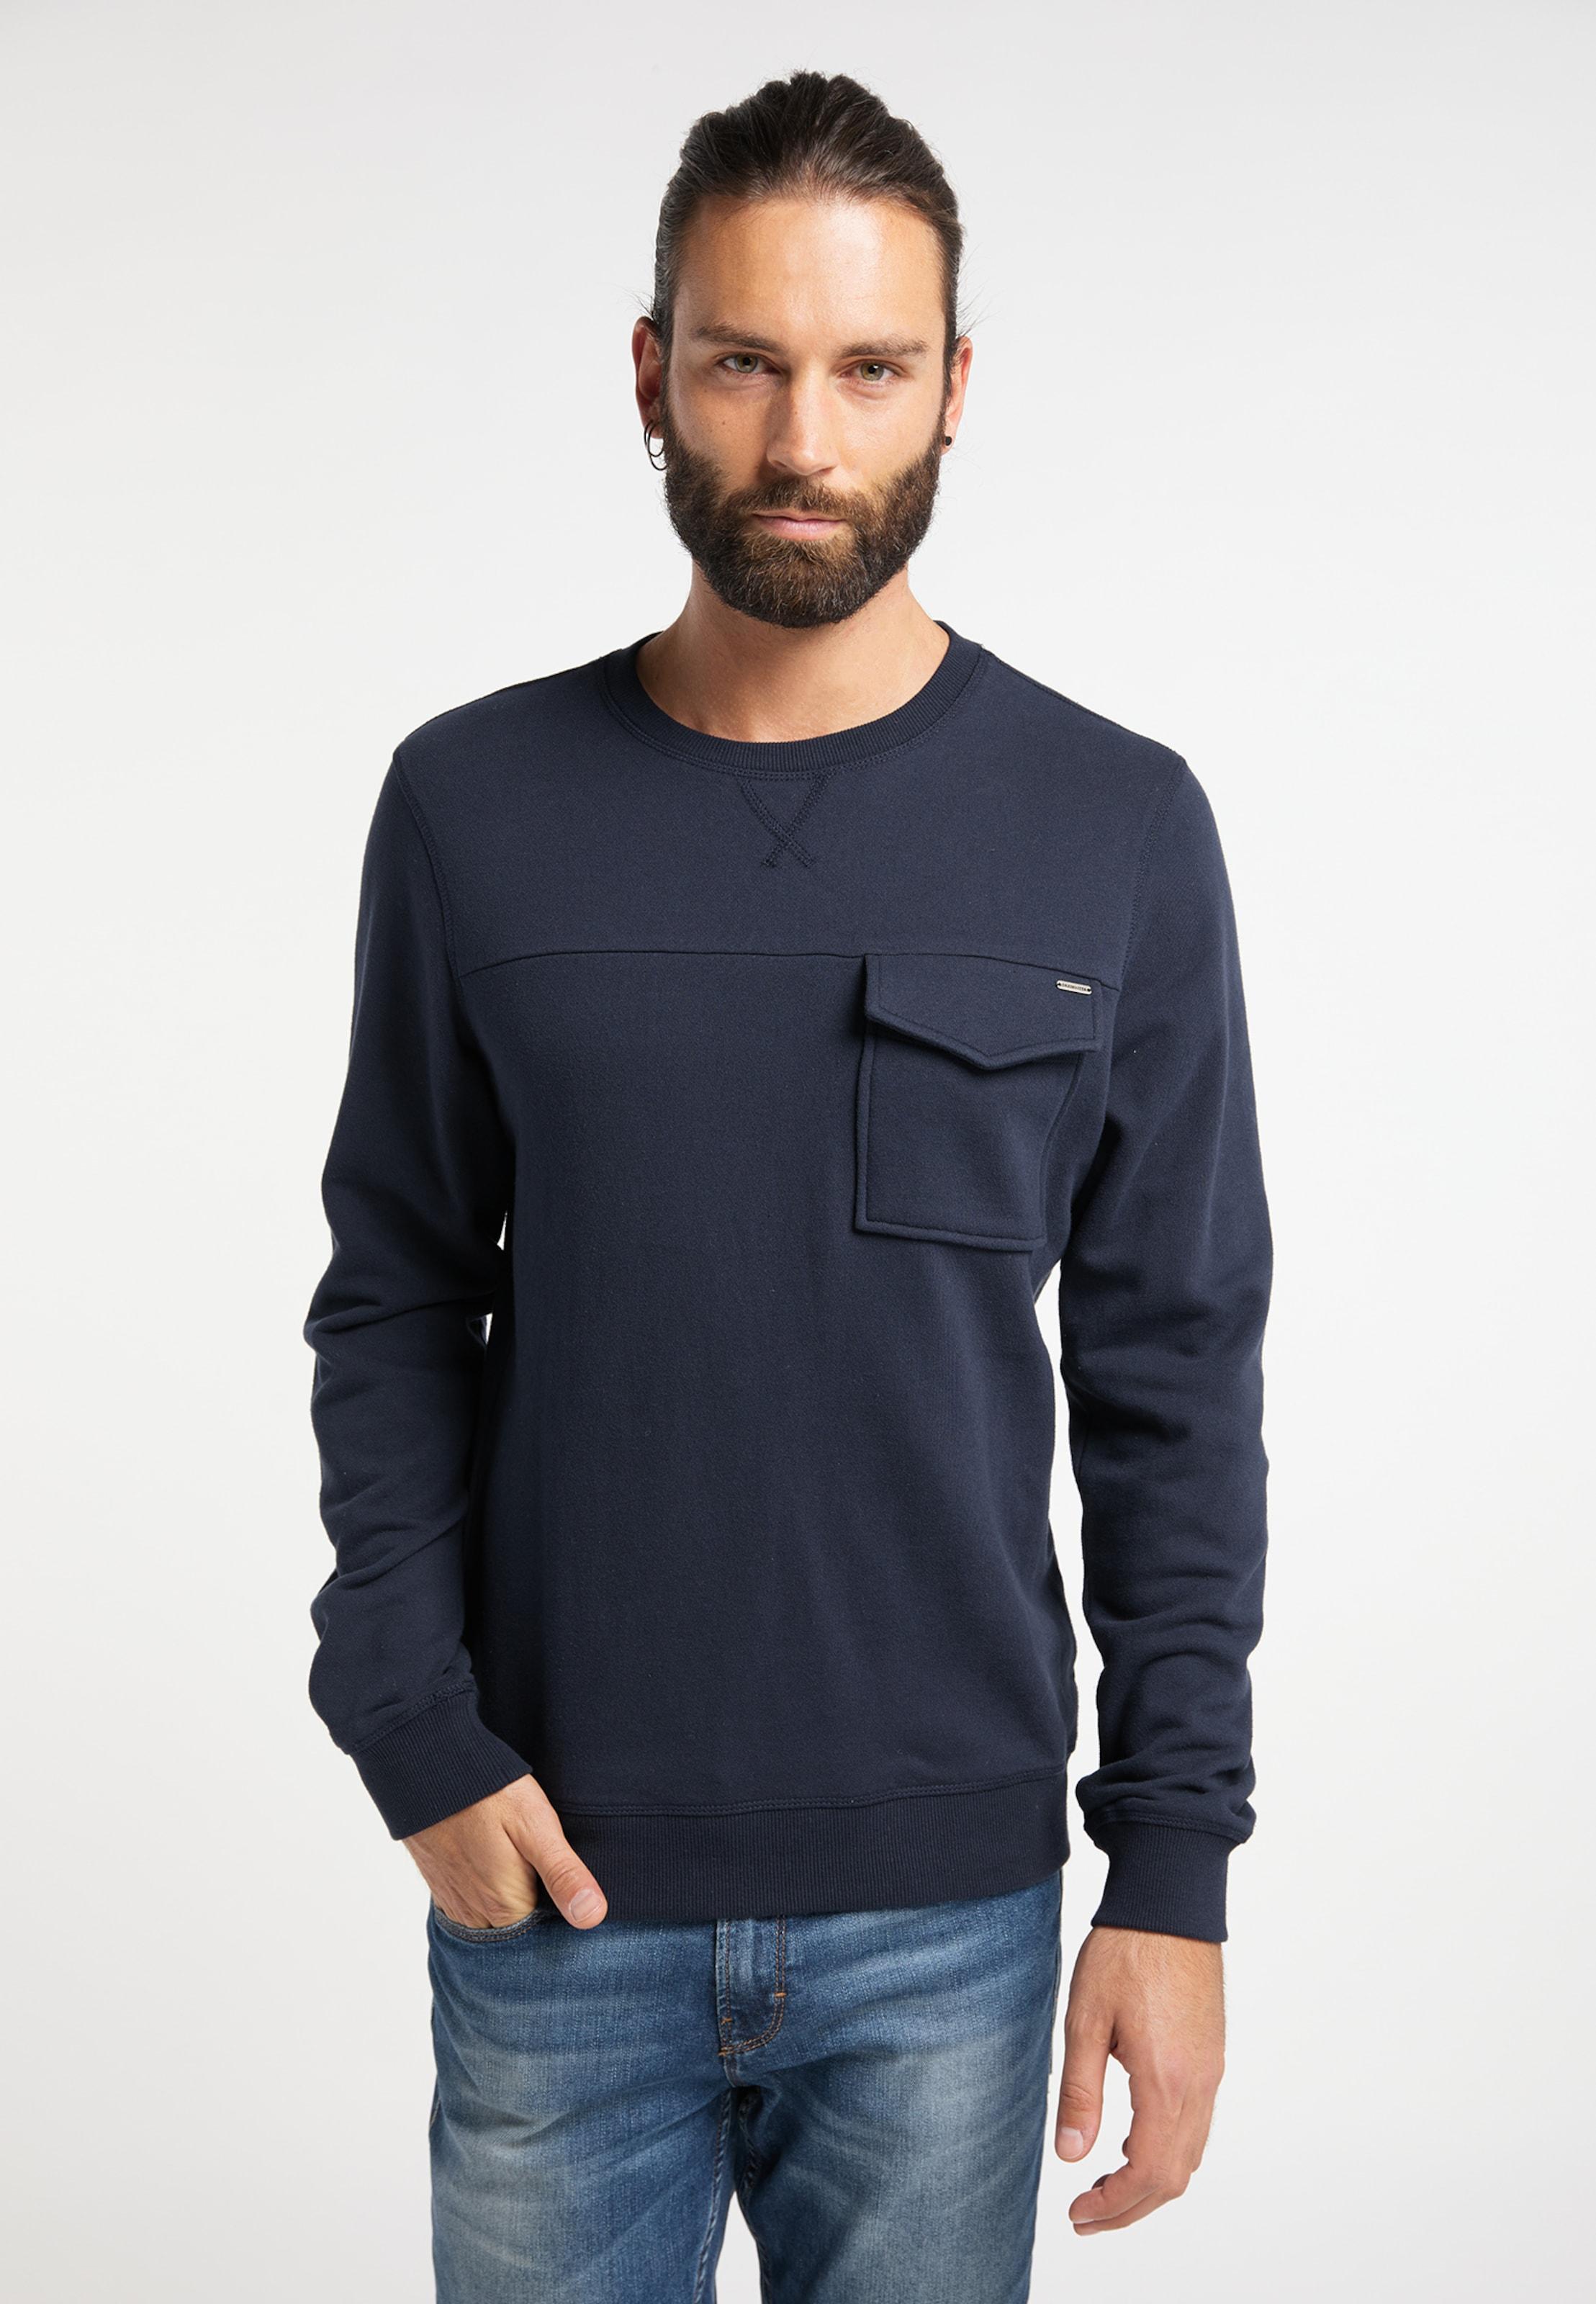 DREIMASTER Sweatshirt in marine Rundhals-Ausschnitt 4251686652939